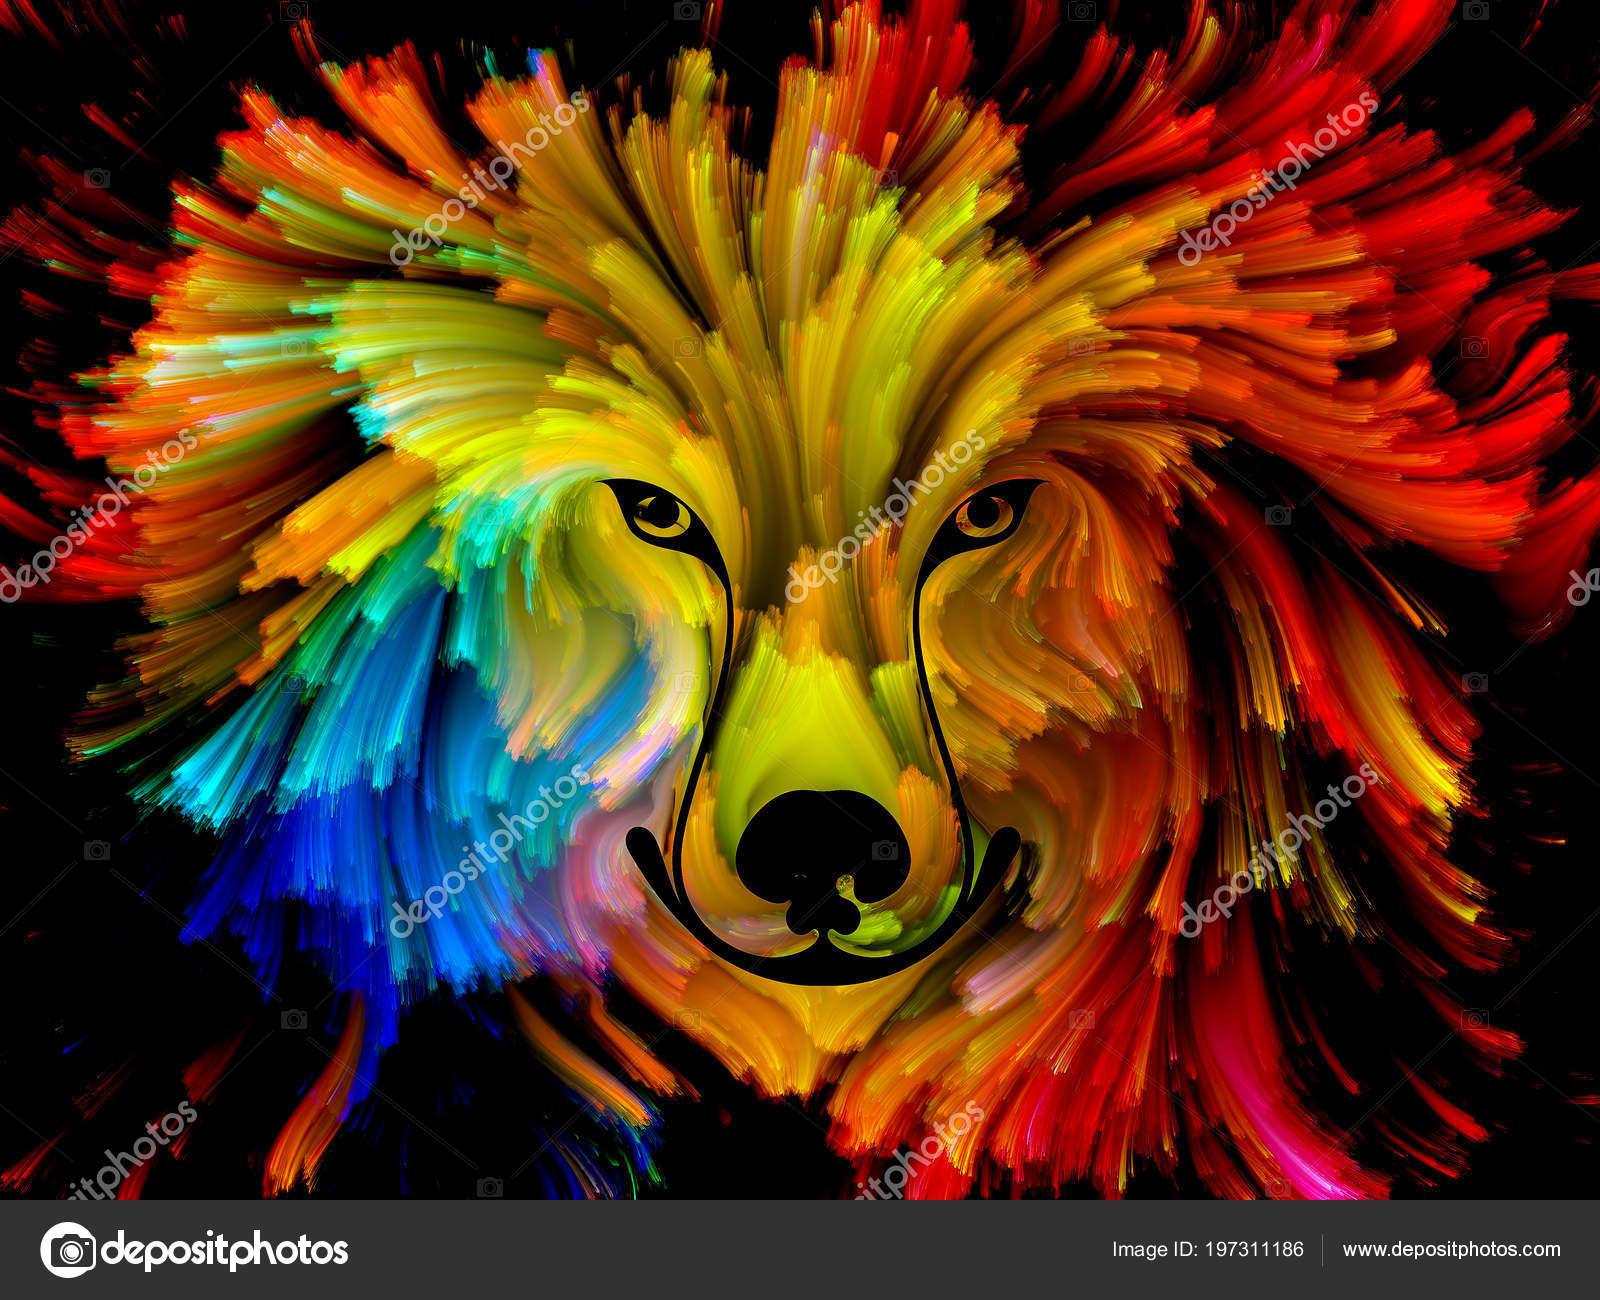 Köpek Boya Serisi Arka Plan Tasarım Sanat Hayal Gücü Yaratıcılık